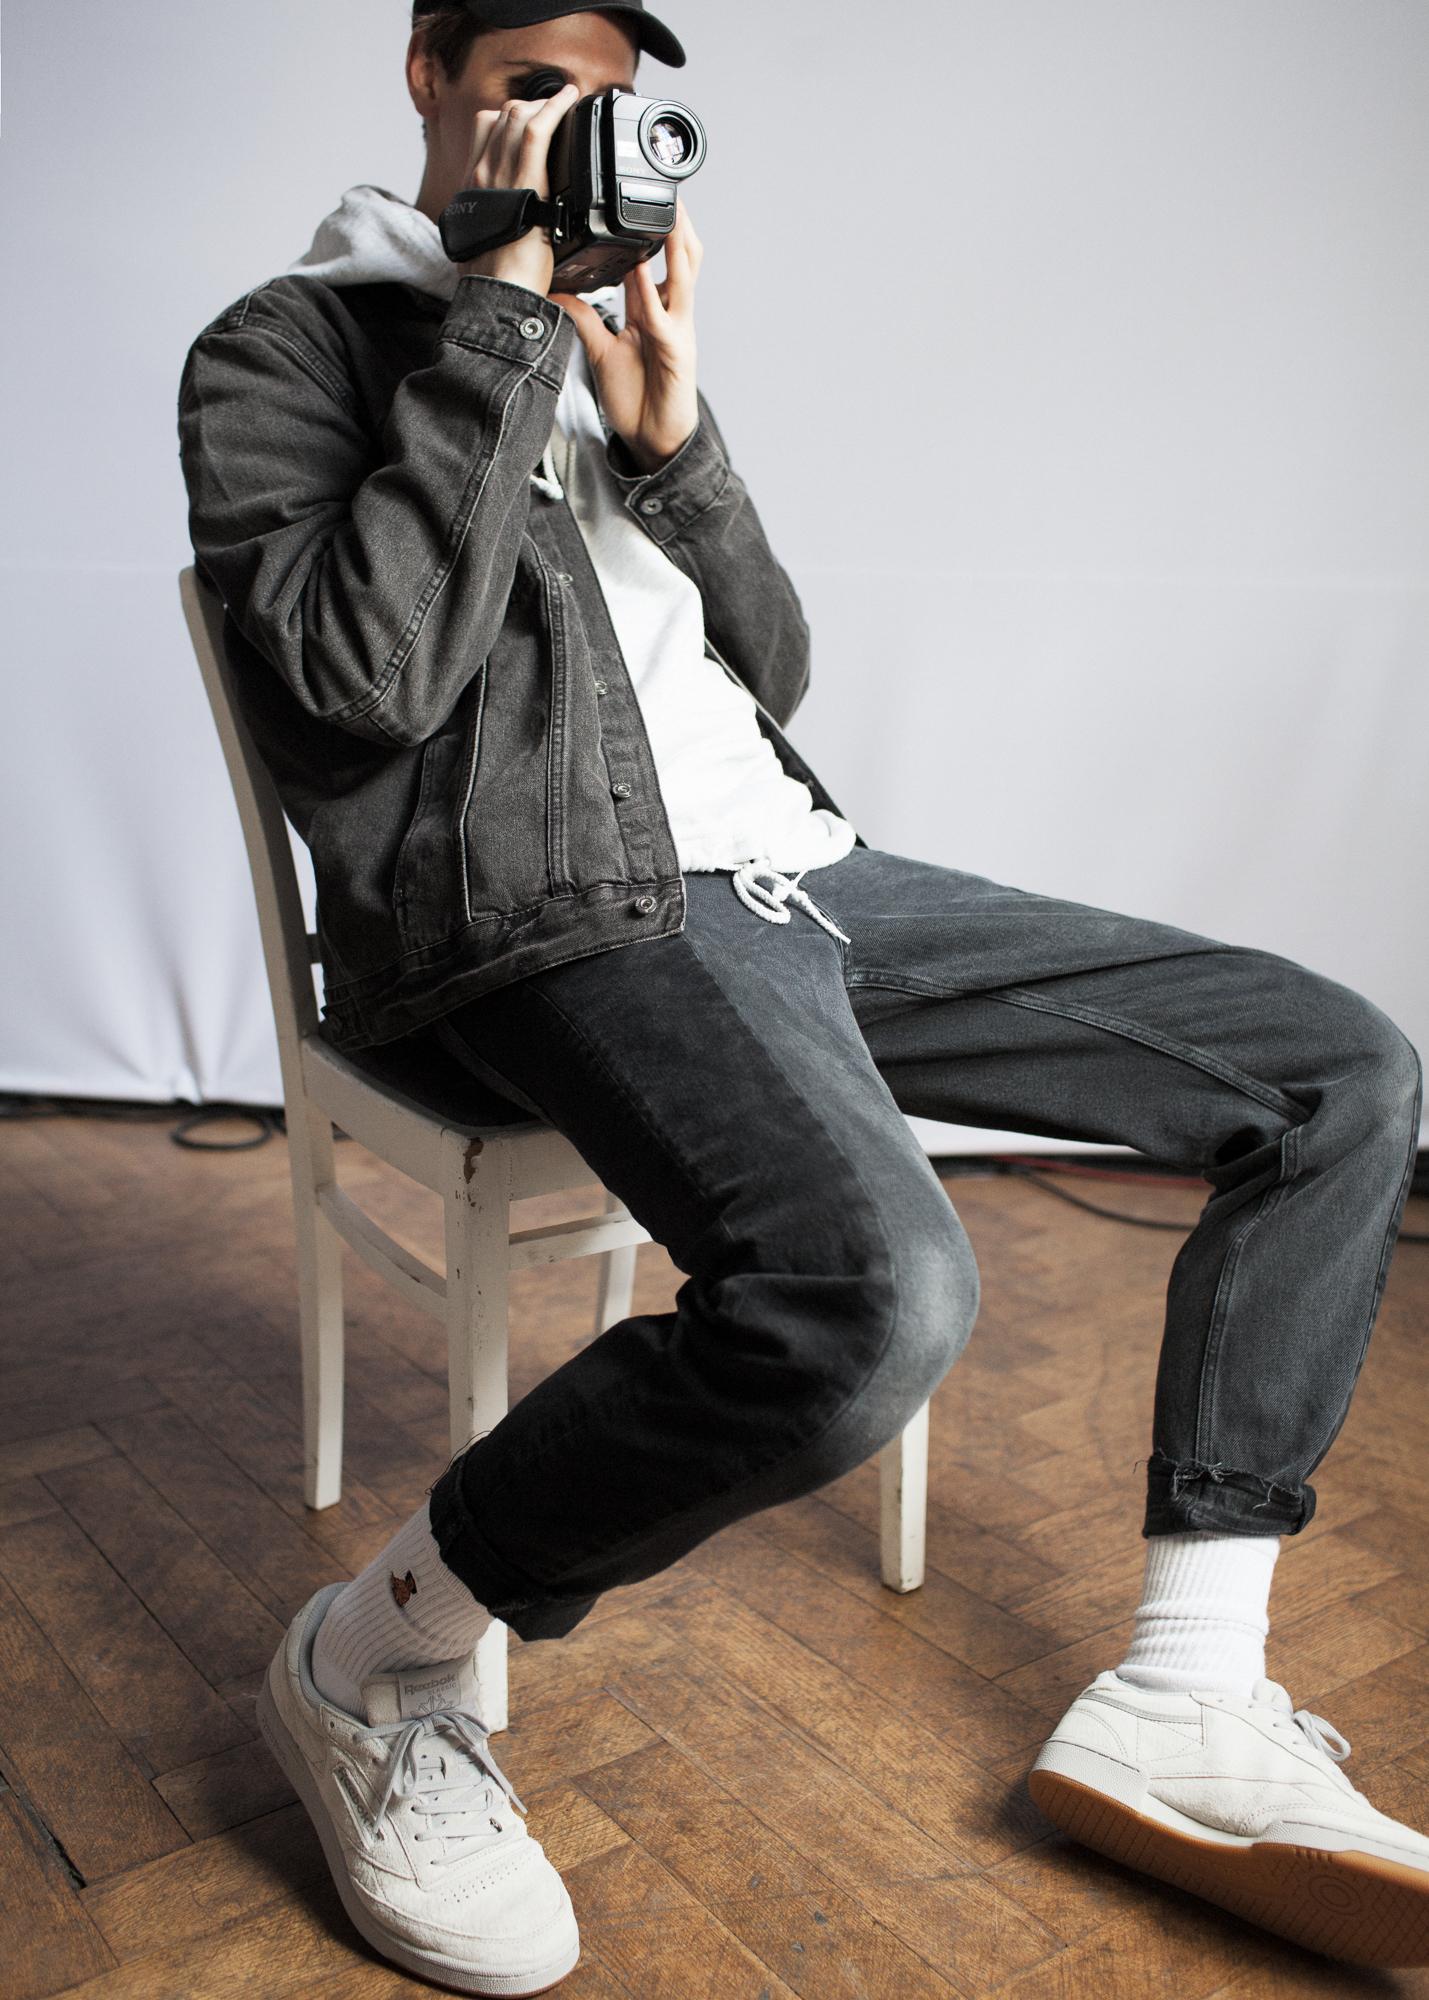 Mężczyzna siedzący na krześle, z kamerą w ręku, ma na sobie kurkę, bluzę, ciemne spodnie i jasne buty Reeboka